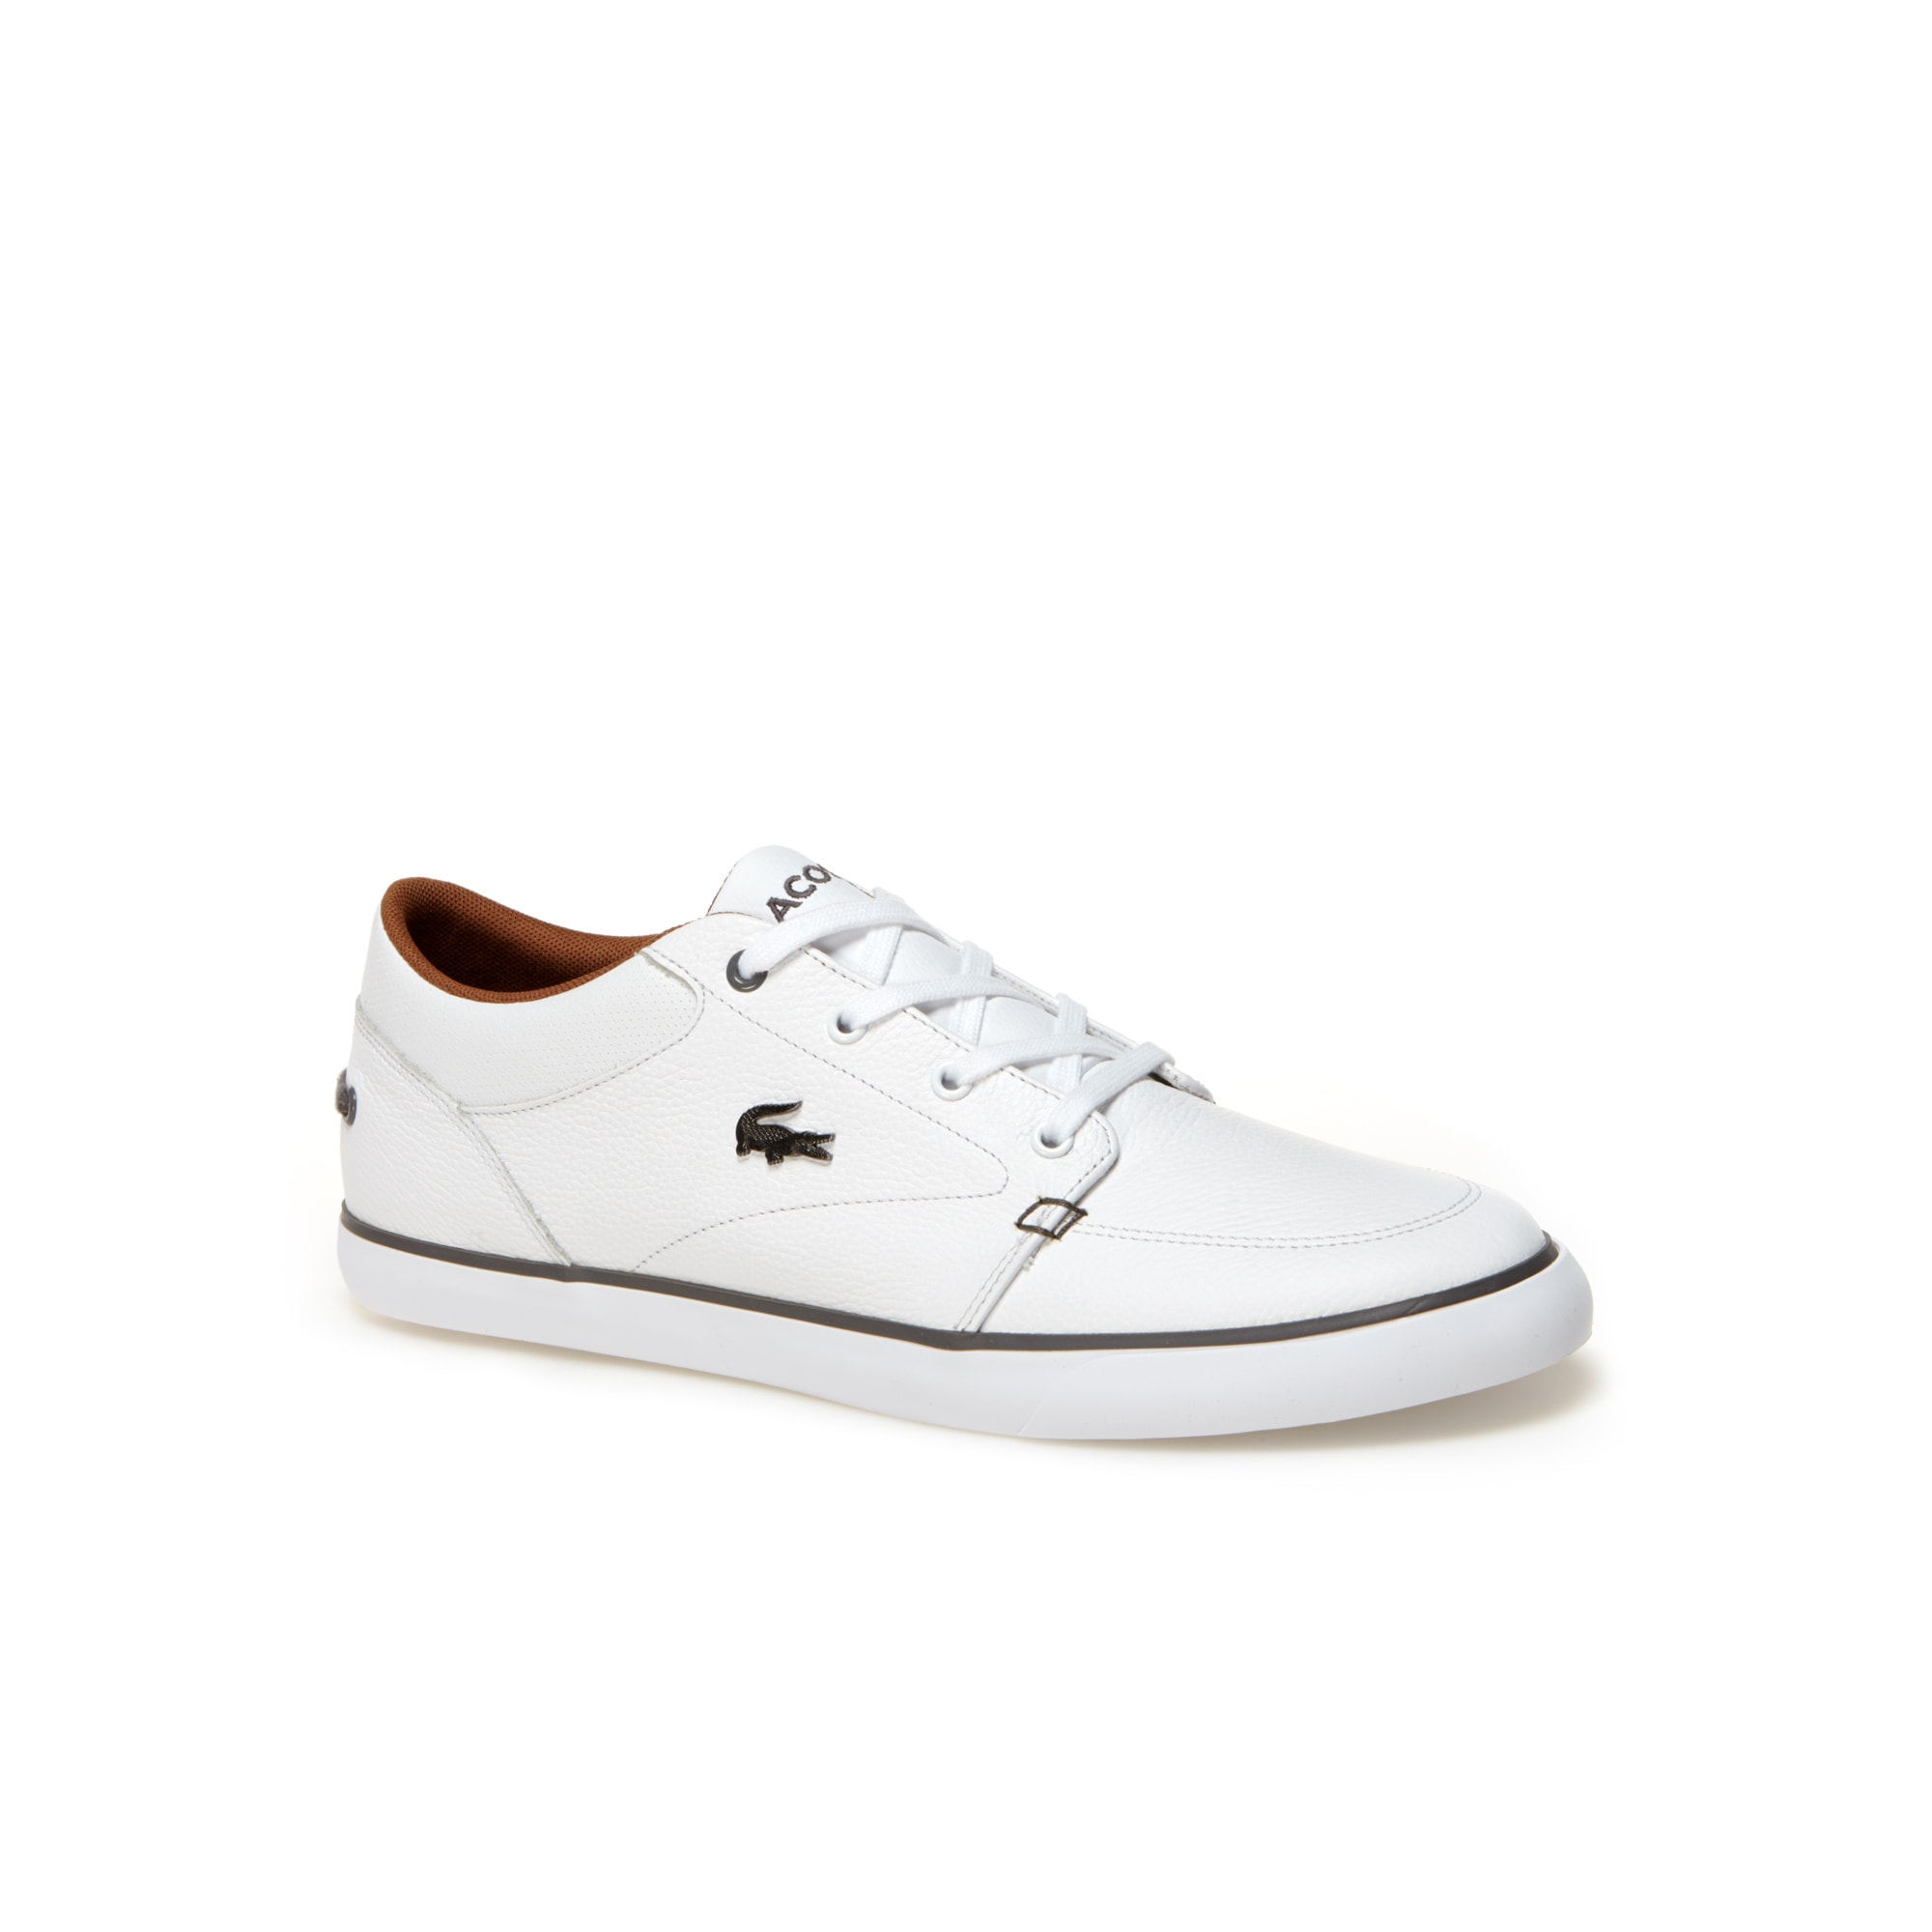 Sneakers Bayliss Vulc en cuir